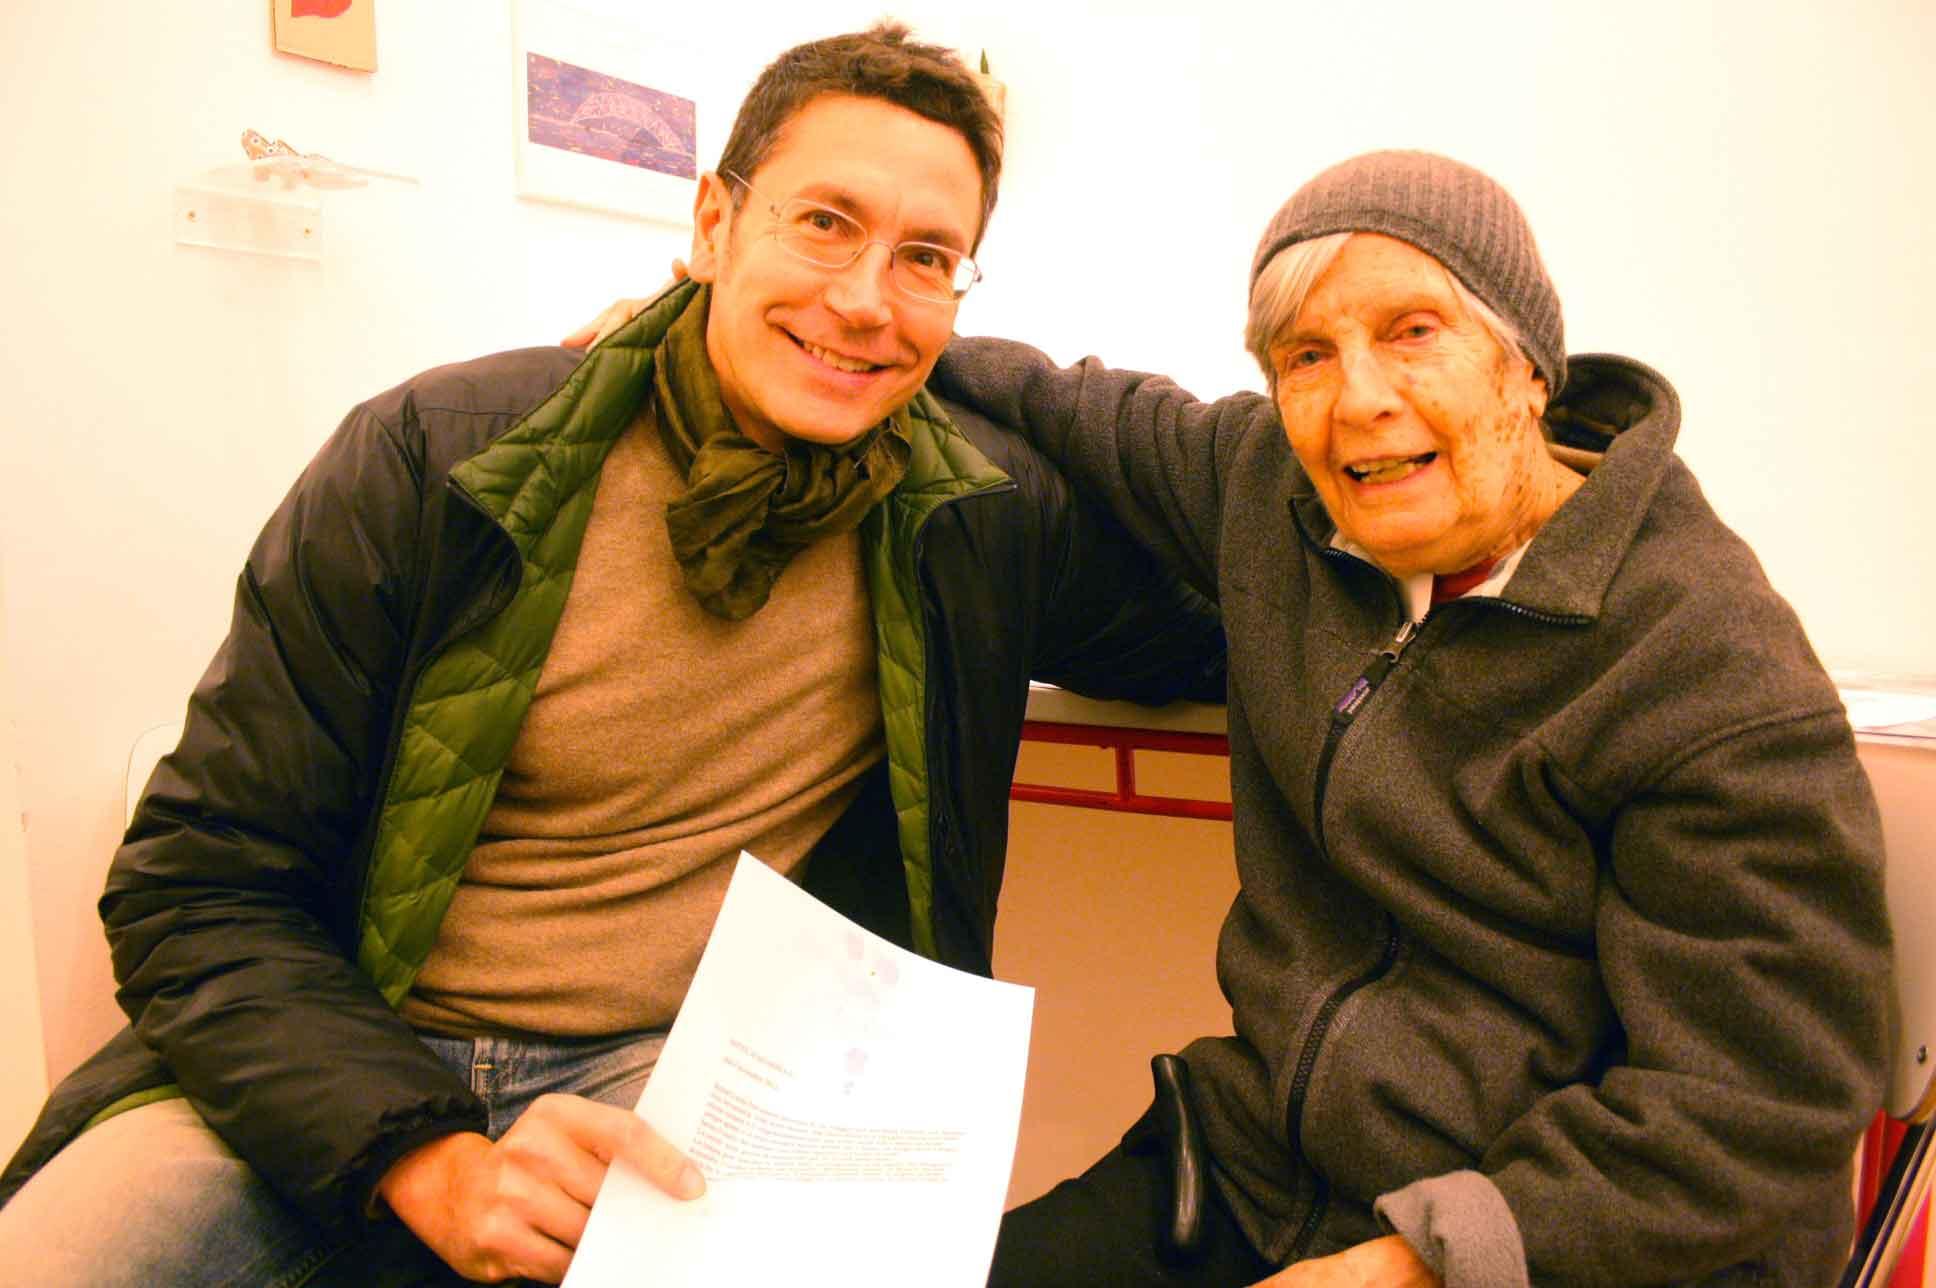 Giovanni Policastro e Lisa Ponti alla Galleria Toselli per la collettiva Hotel Acquarello. Photo Lucia Grassiccia